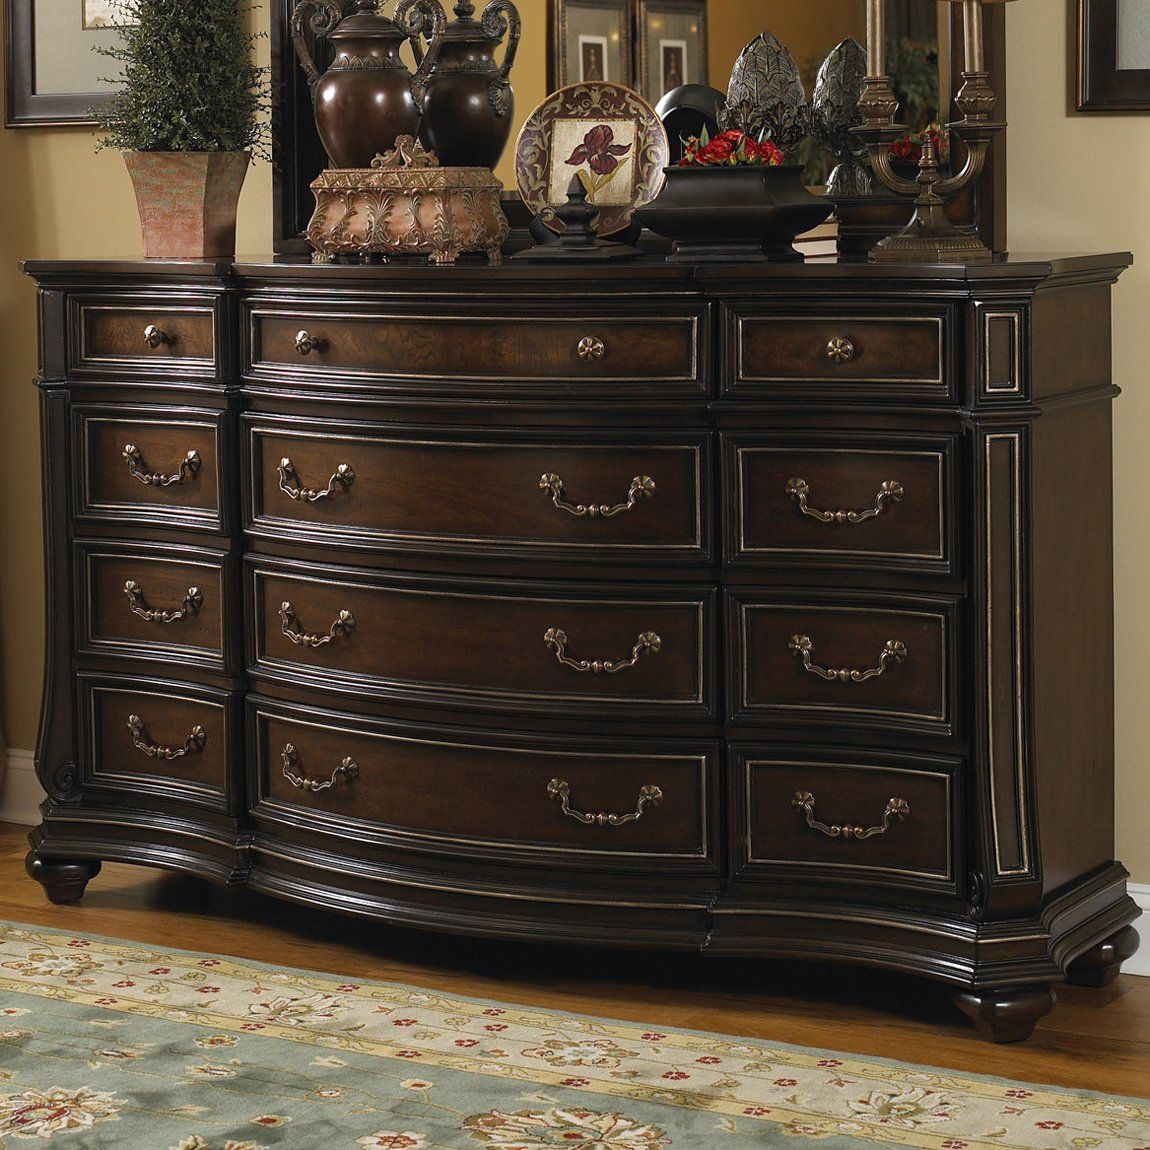 Bedroom Furniture Dresser Fairmont Designs Furniture C7008 05 Wellingsley Dresser Home